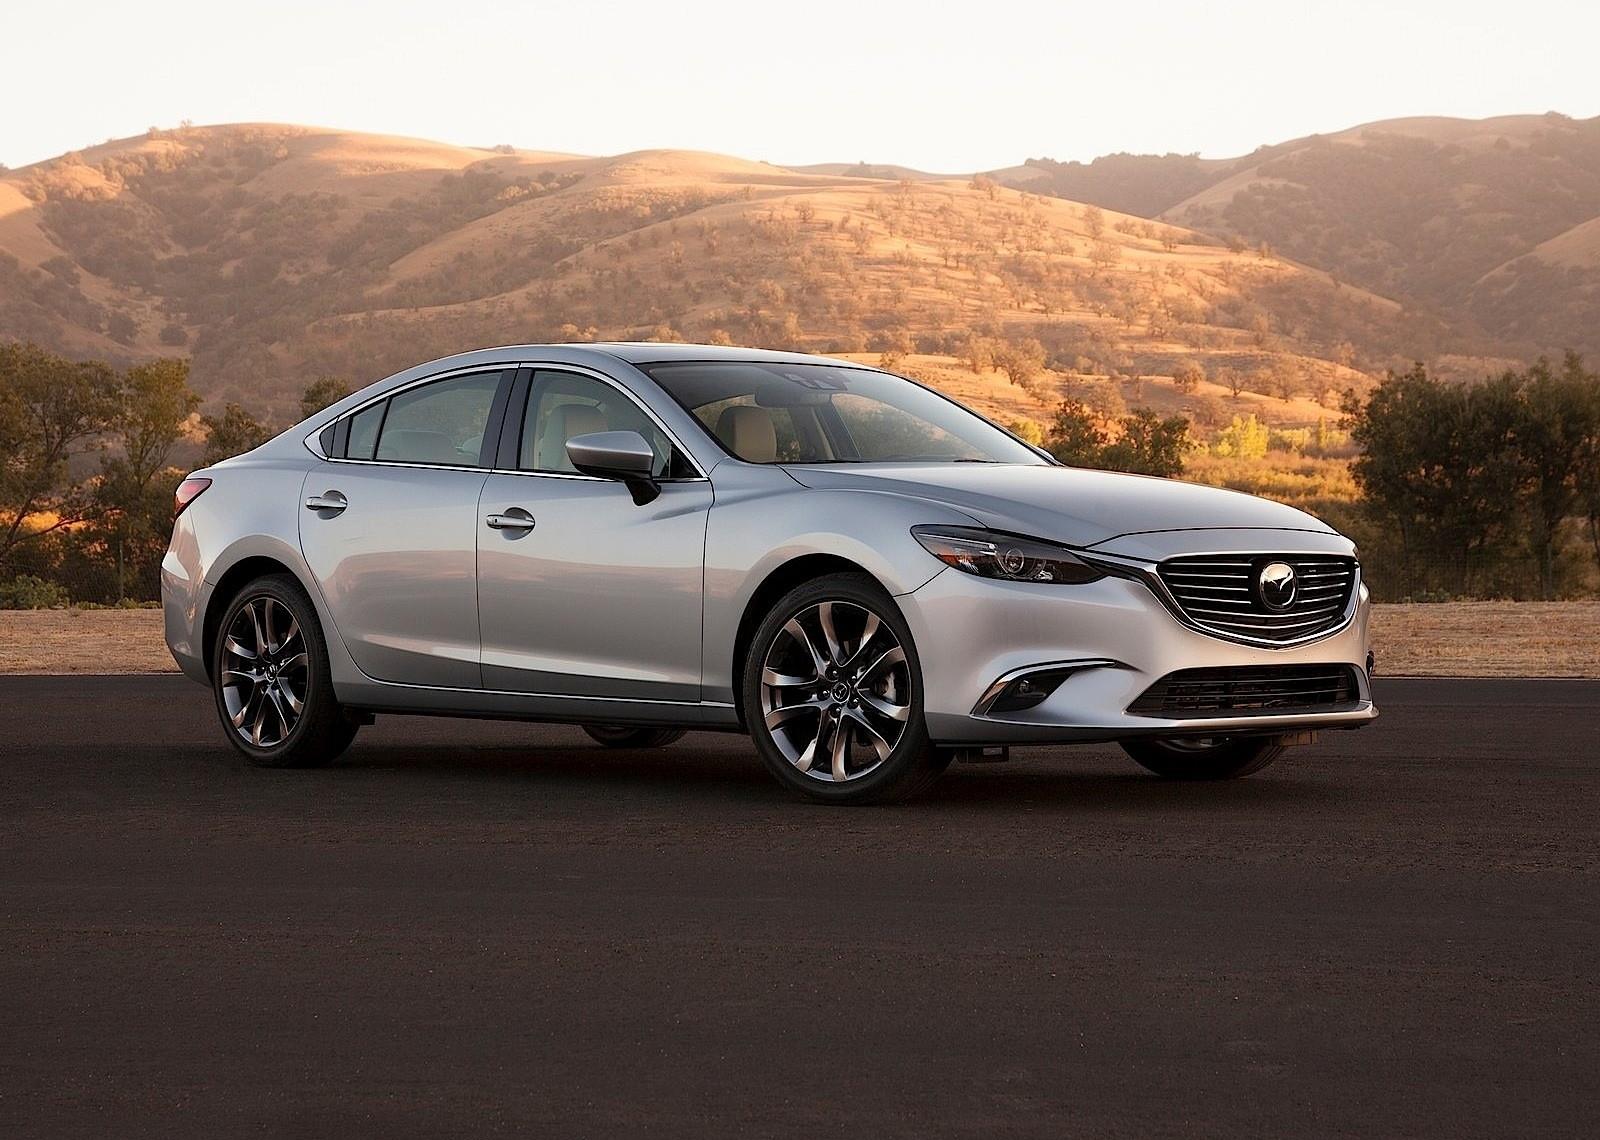 Kelebihan Mazda 6 2015 Murah Berkualitas